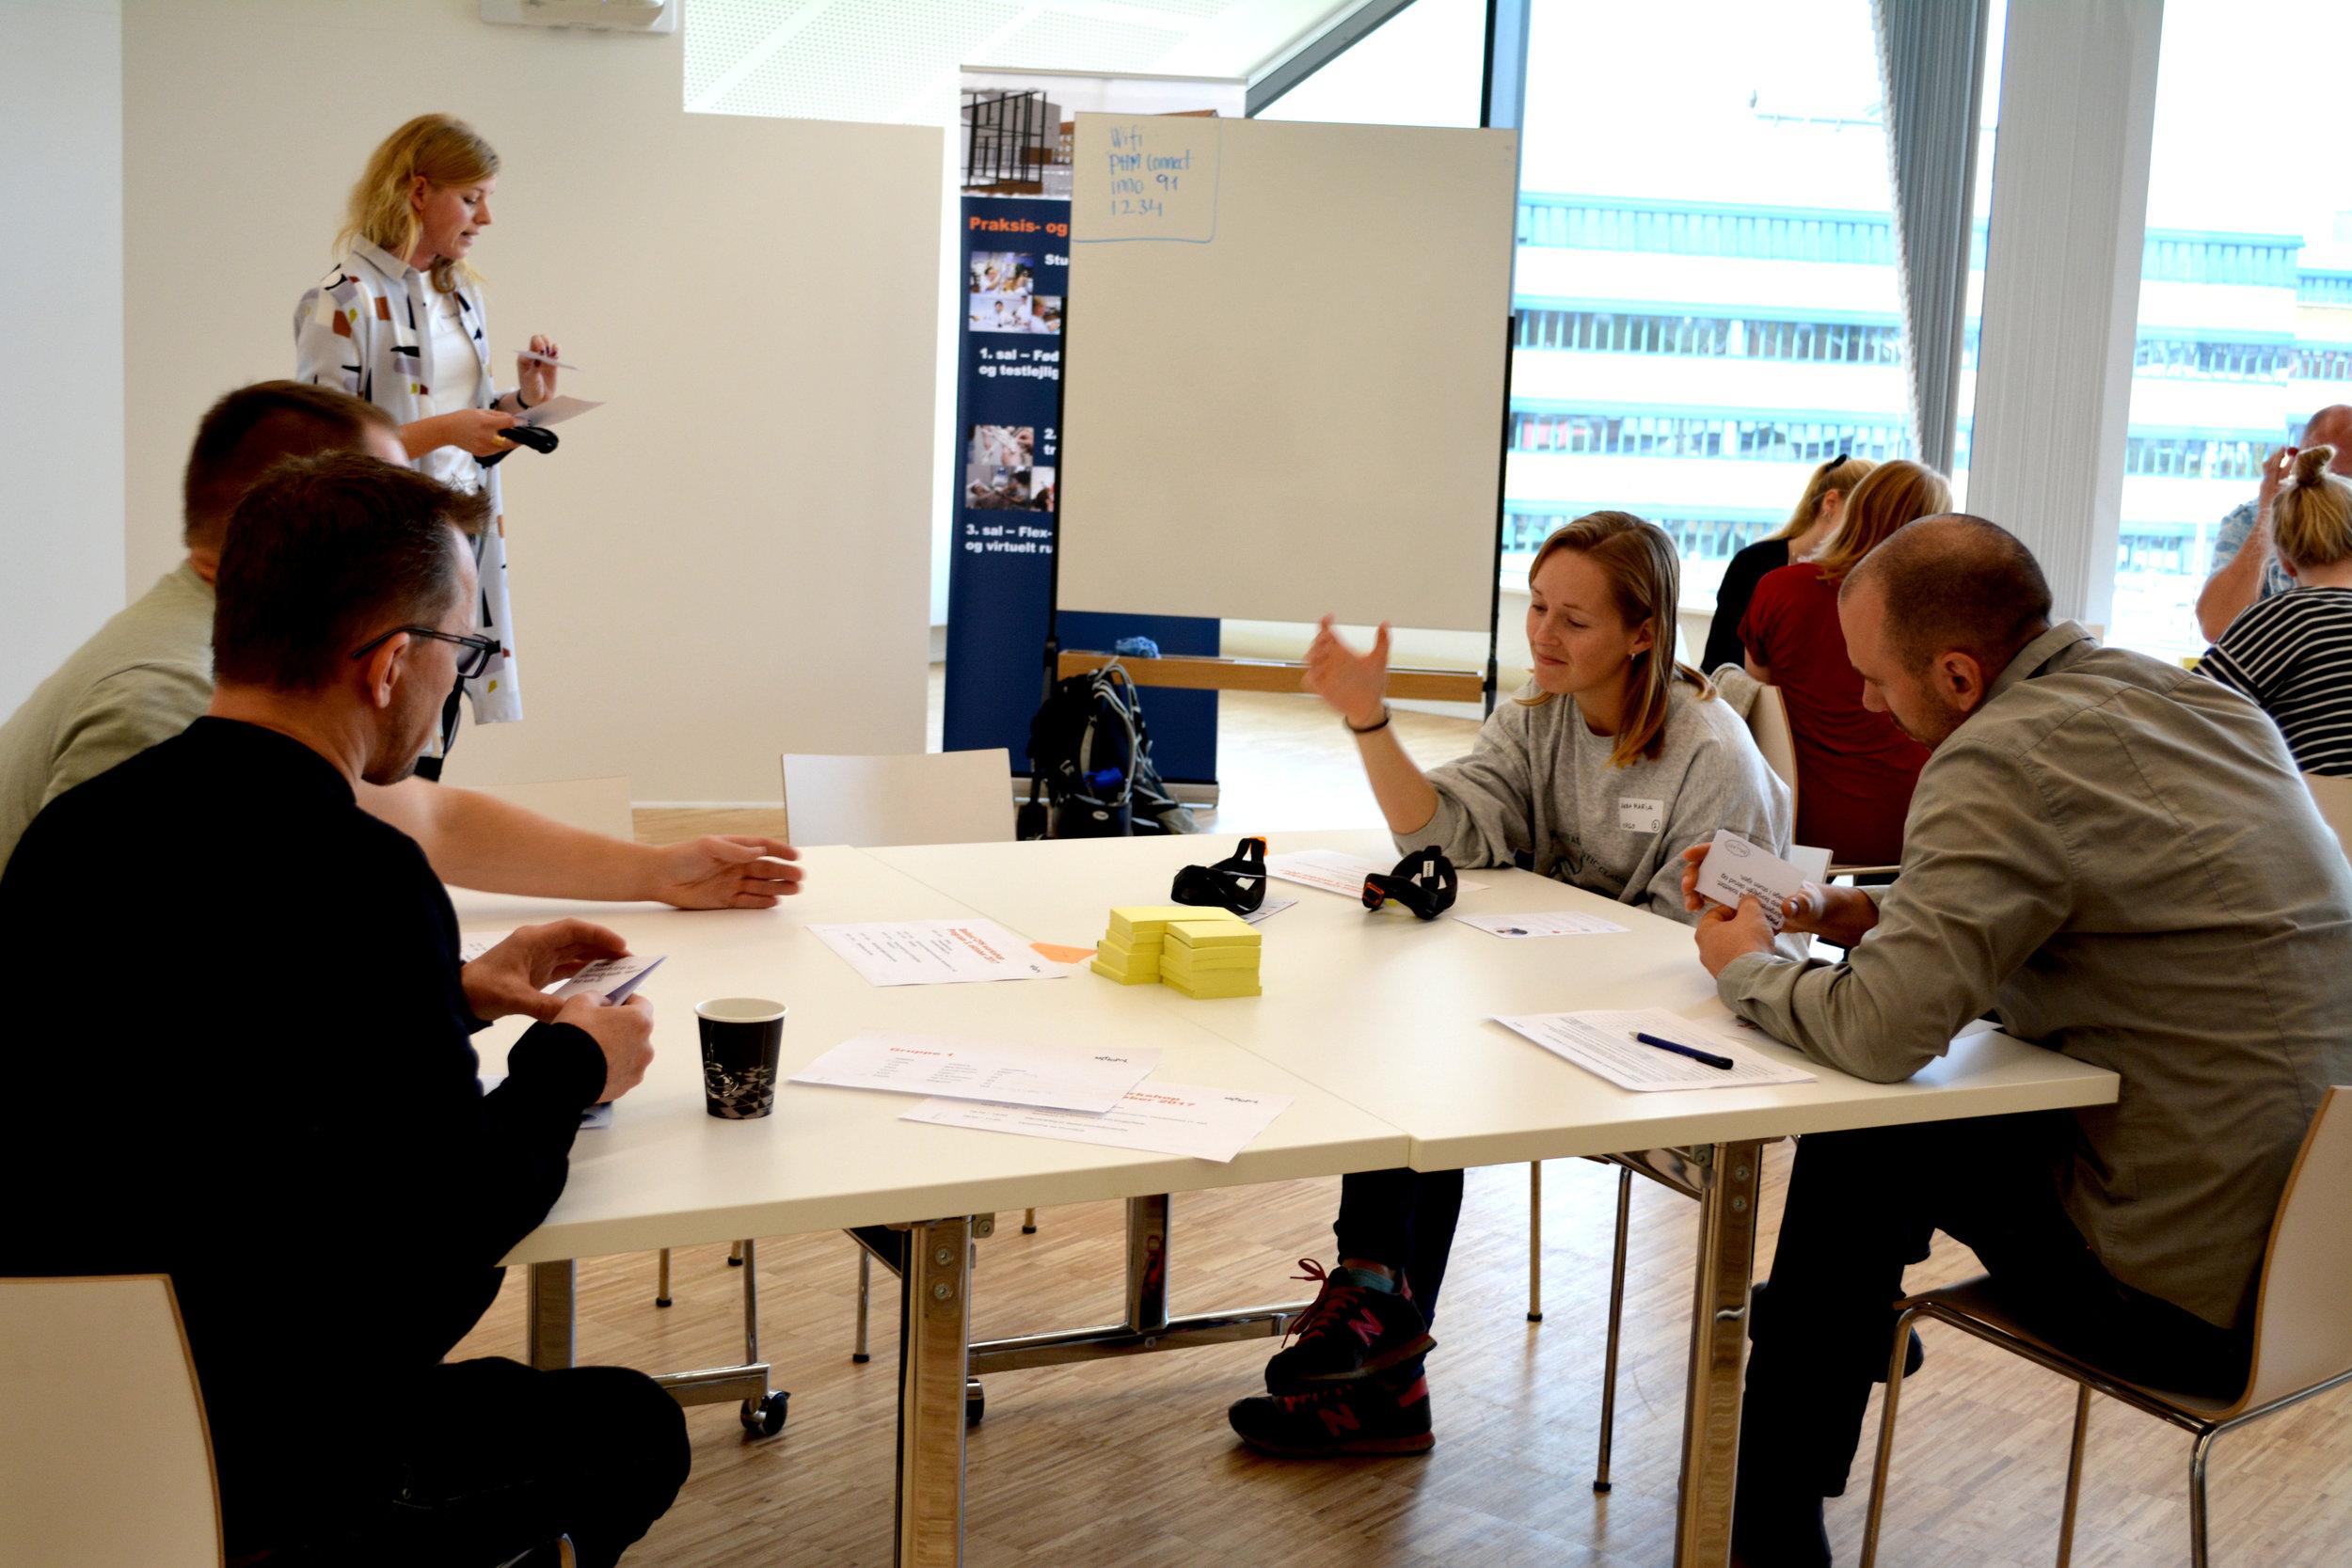 Workshop afholdes med Metropol studerende